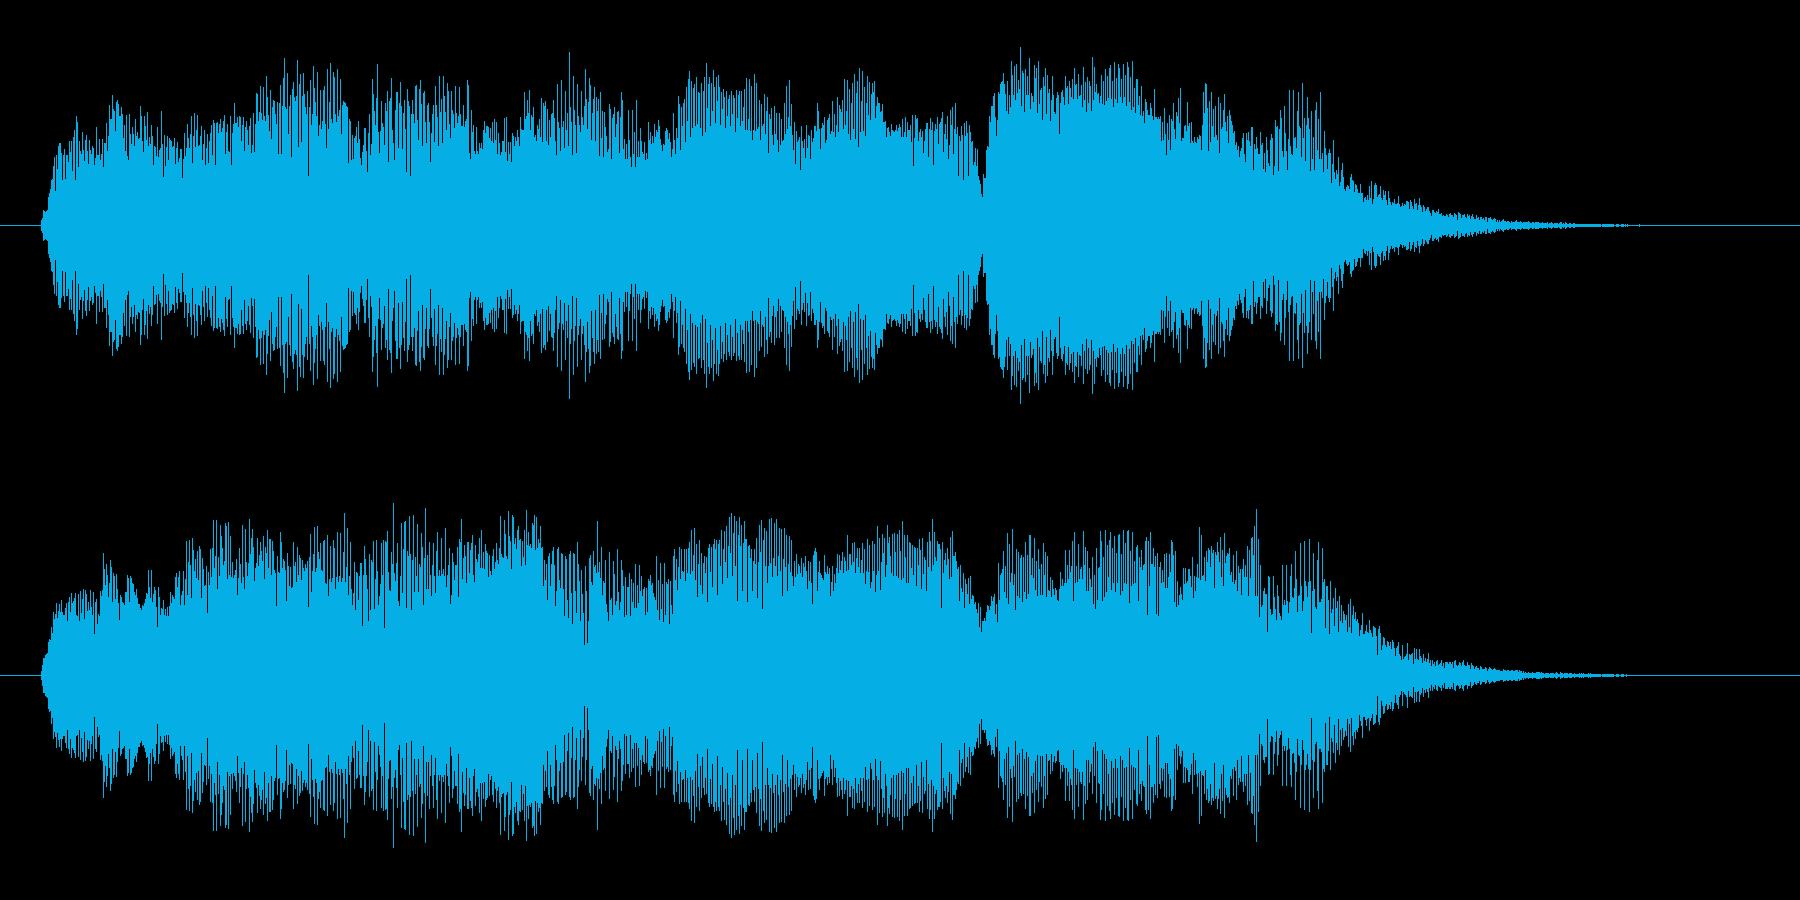 幻想的で浮遊感のあるシンセミュージックの再生済みの波形